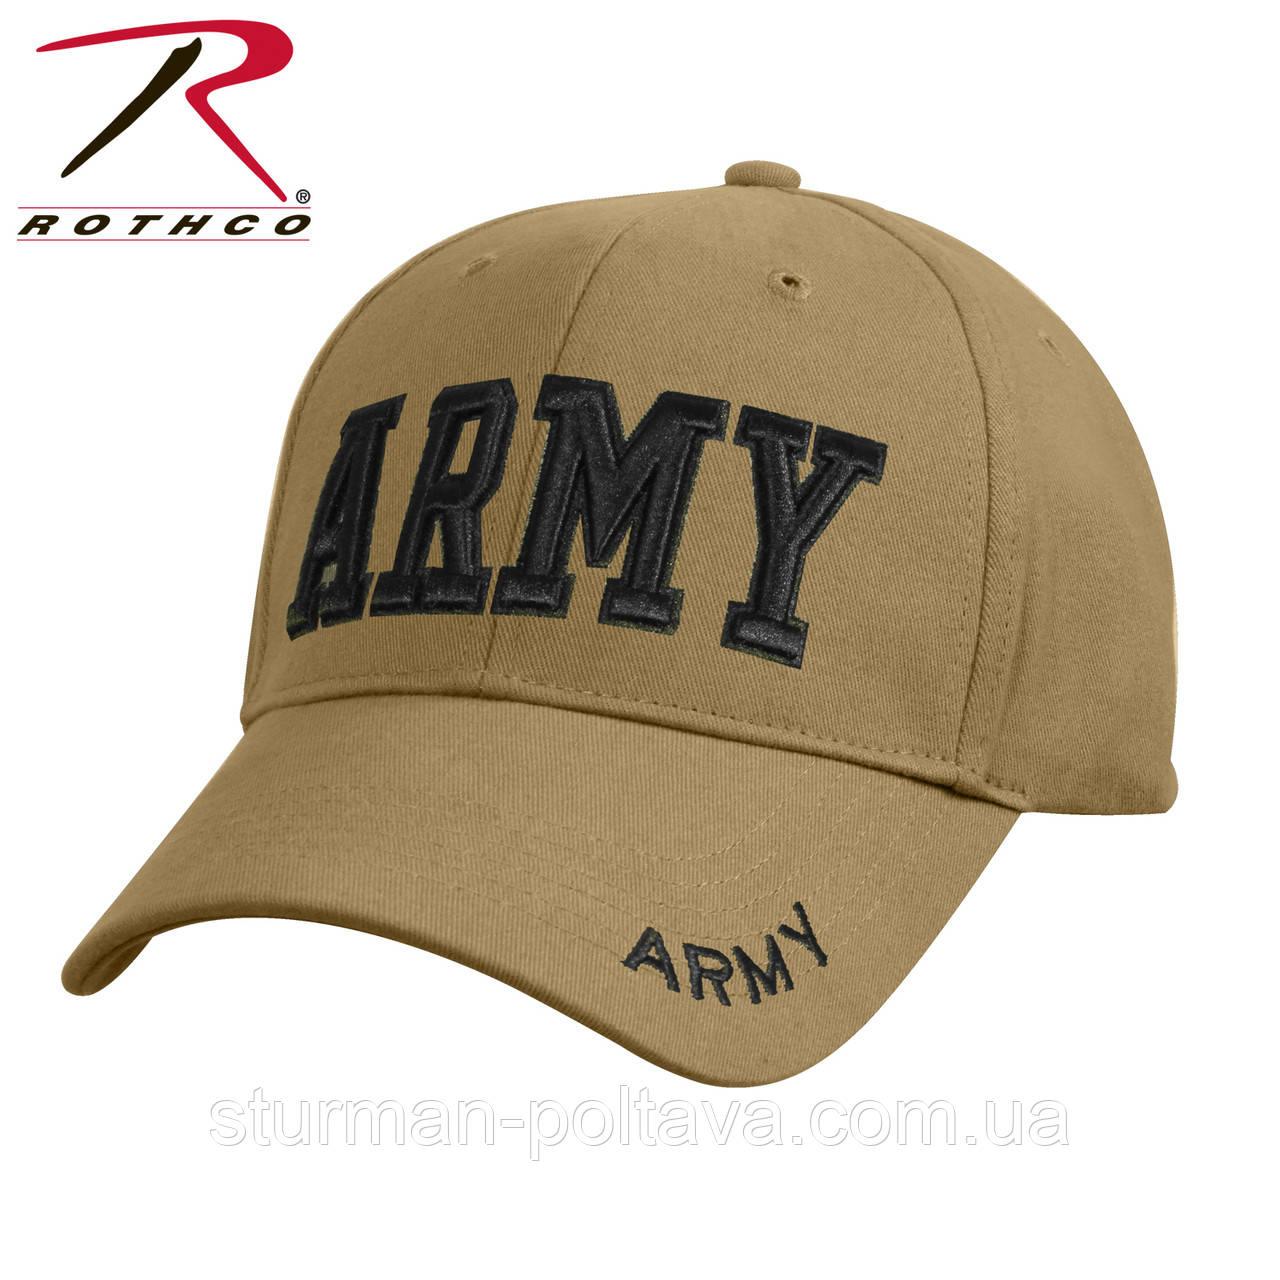 """Бейсболка мужкая з вишивкою """"ARMY"""" колір койот бавовна 100% твіл Coyote Rotcho USA"""